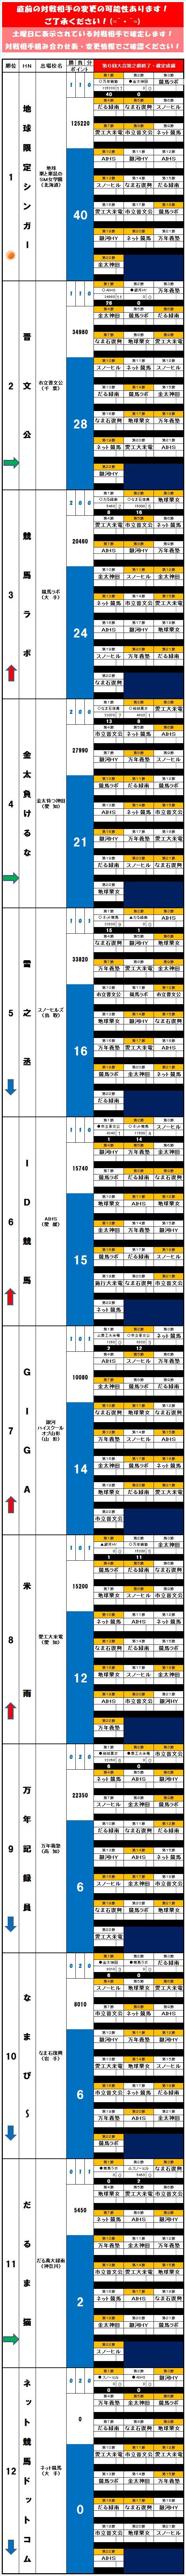 20140721・ダルマンリーグ第2節後半終了成績表.jpg